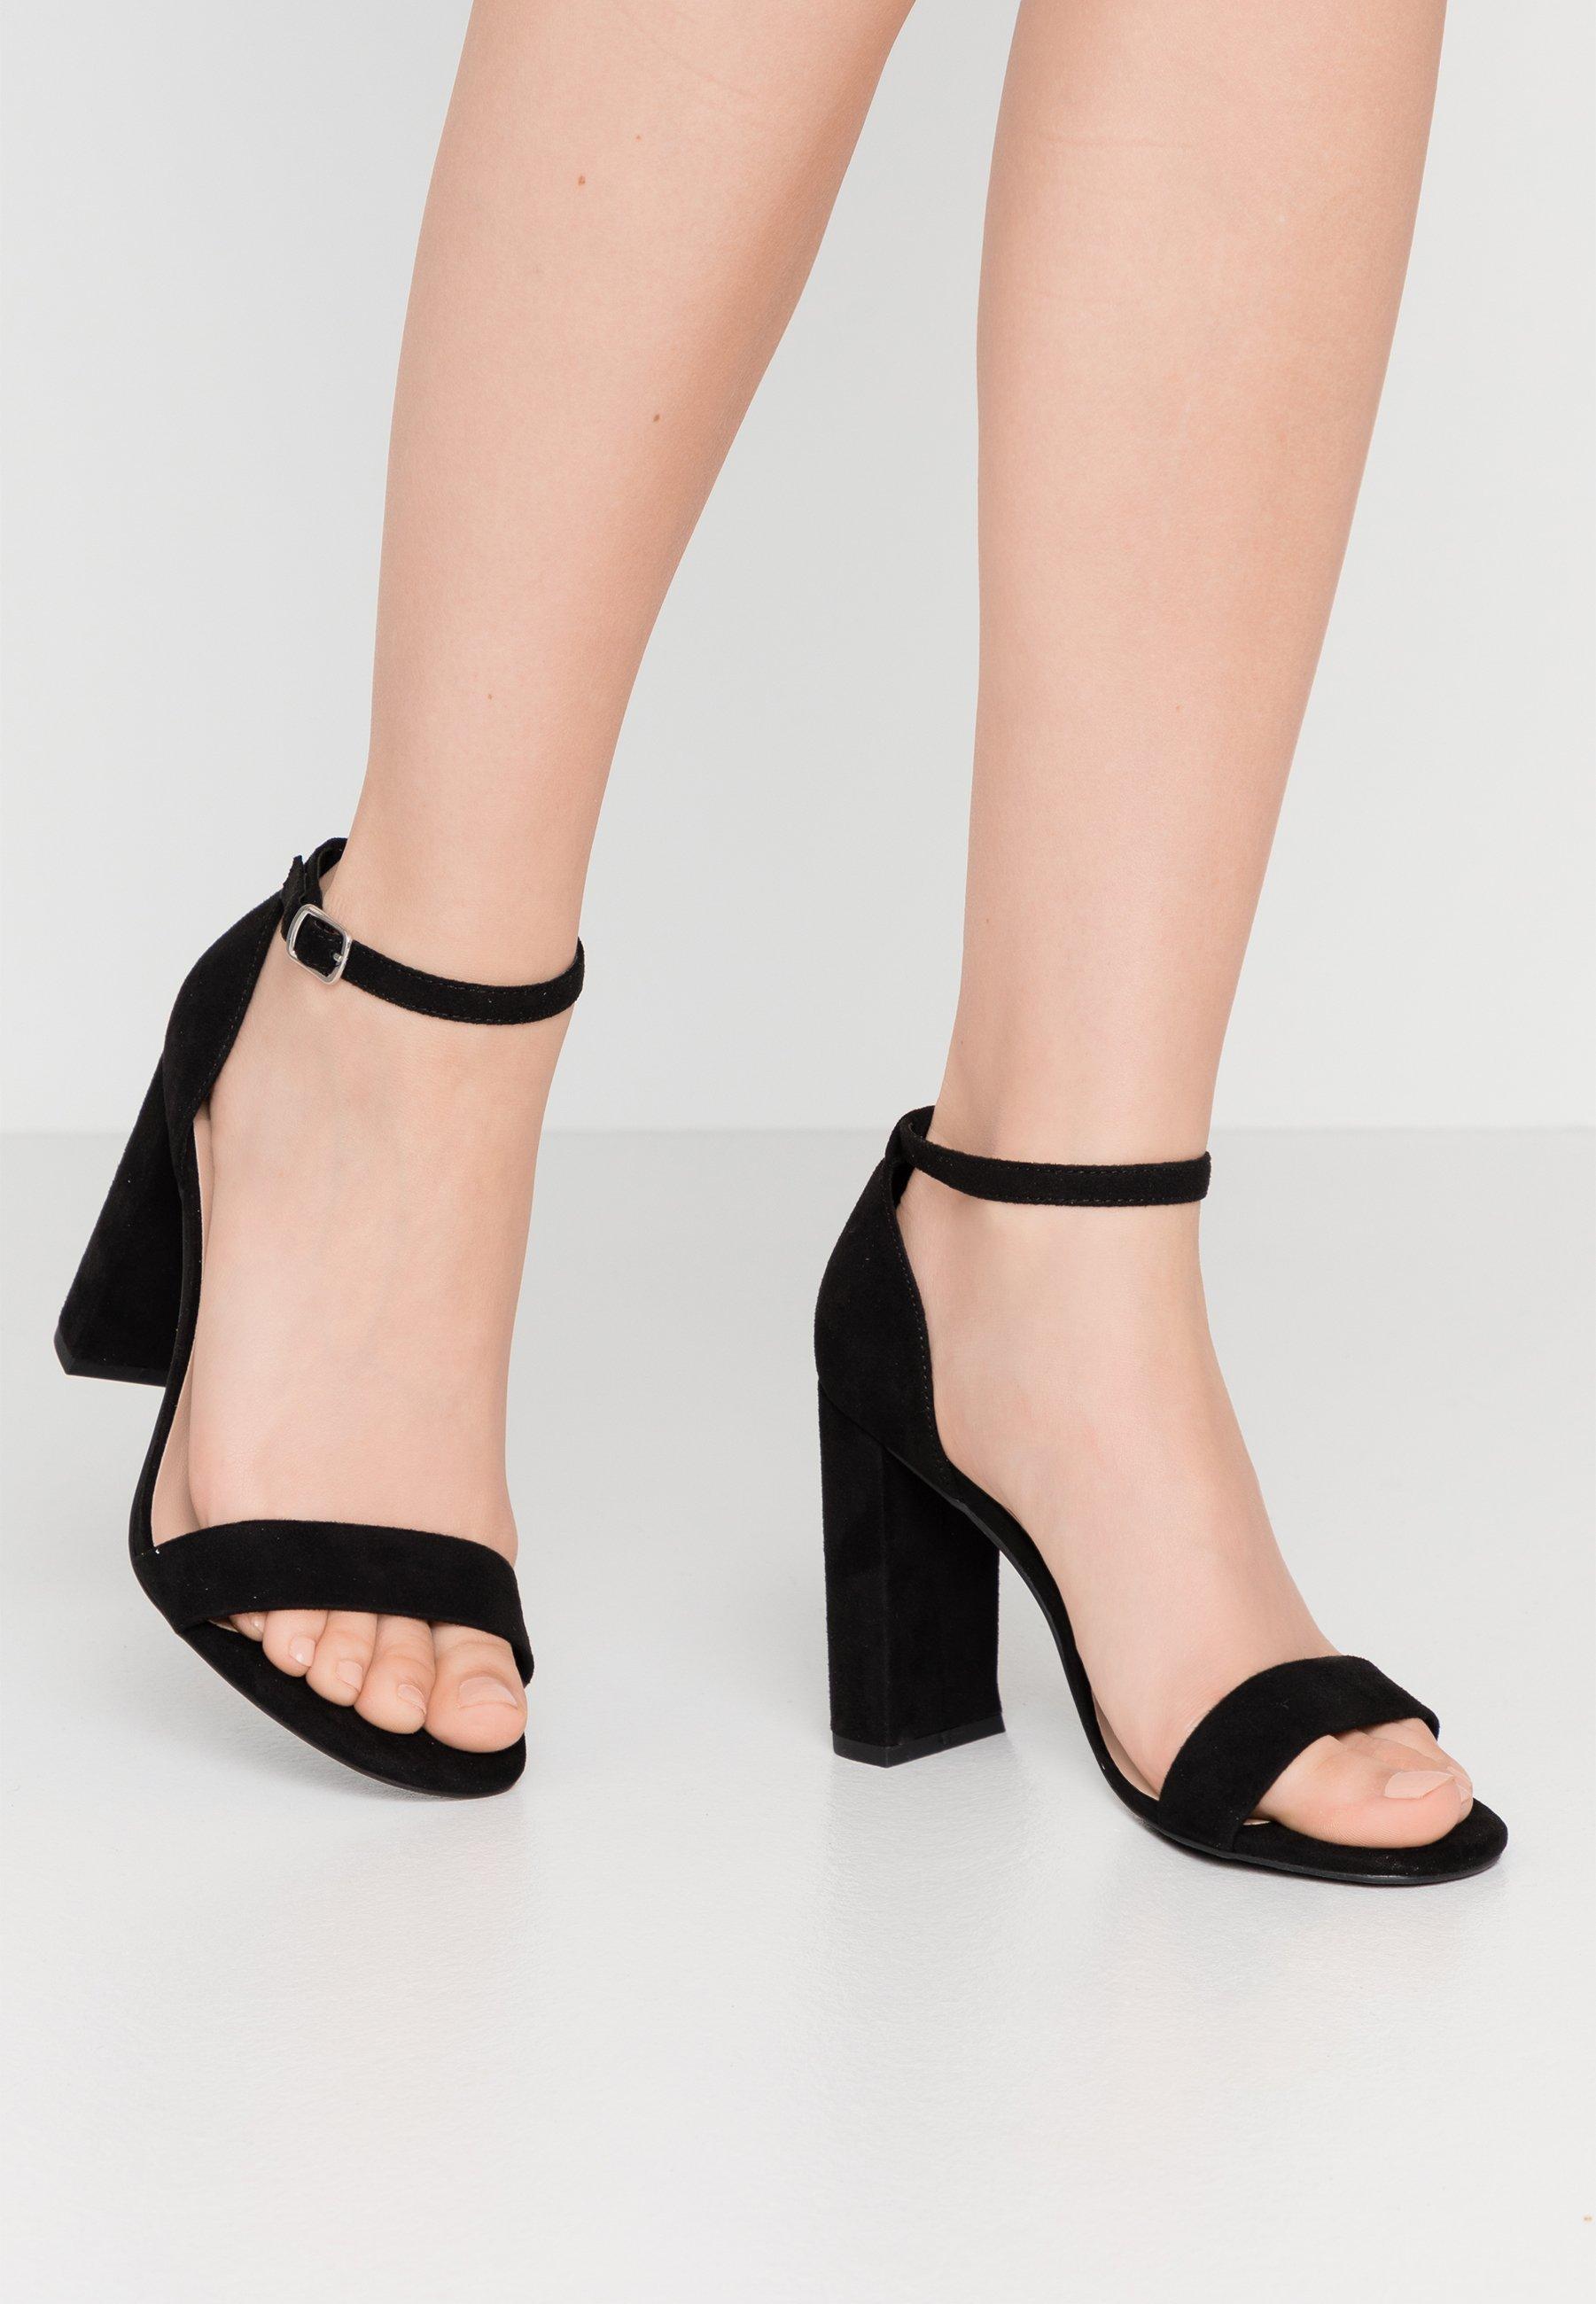 Korkeakorkoiset sandaalit netistä   Zalandon sandaalivalikoima